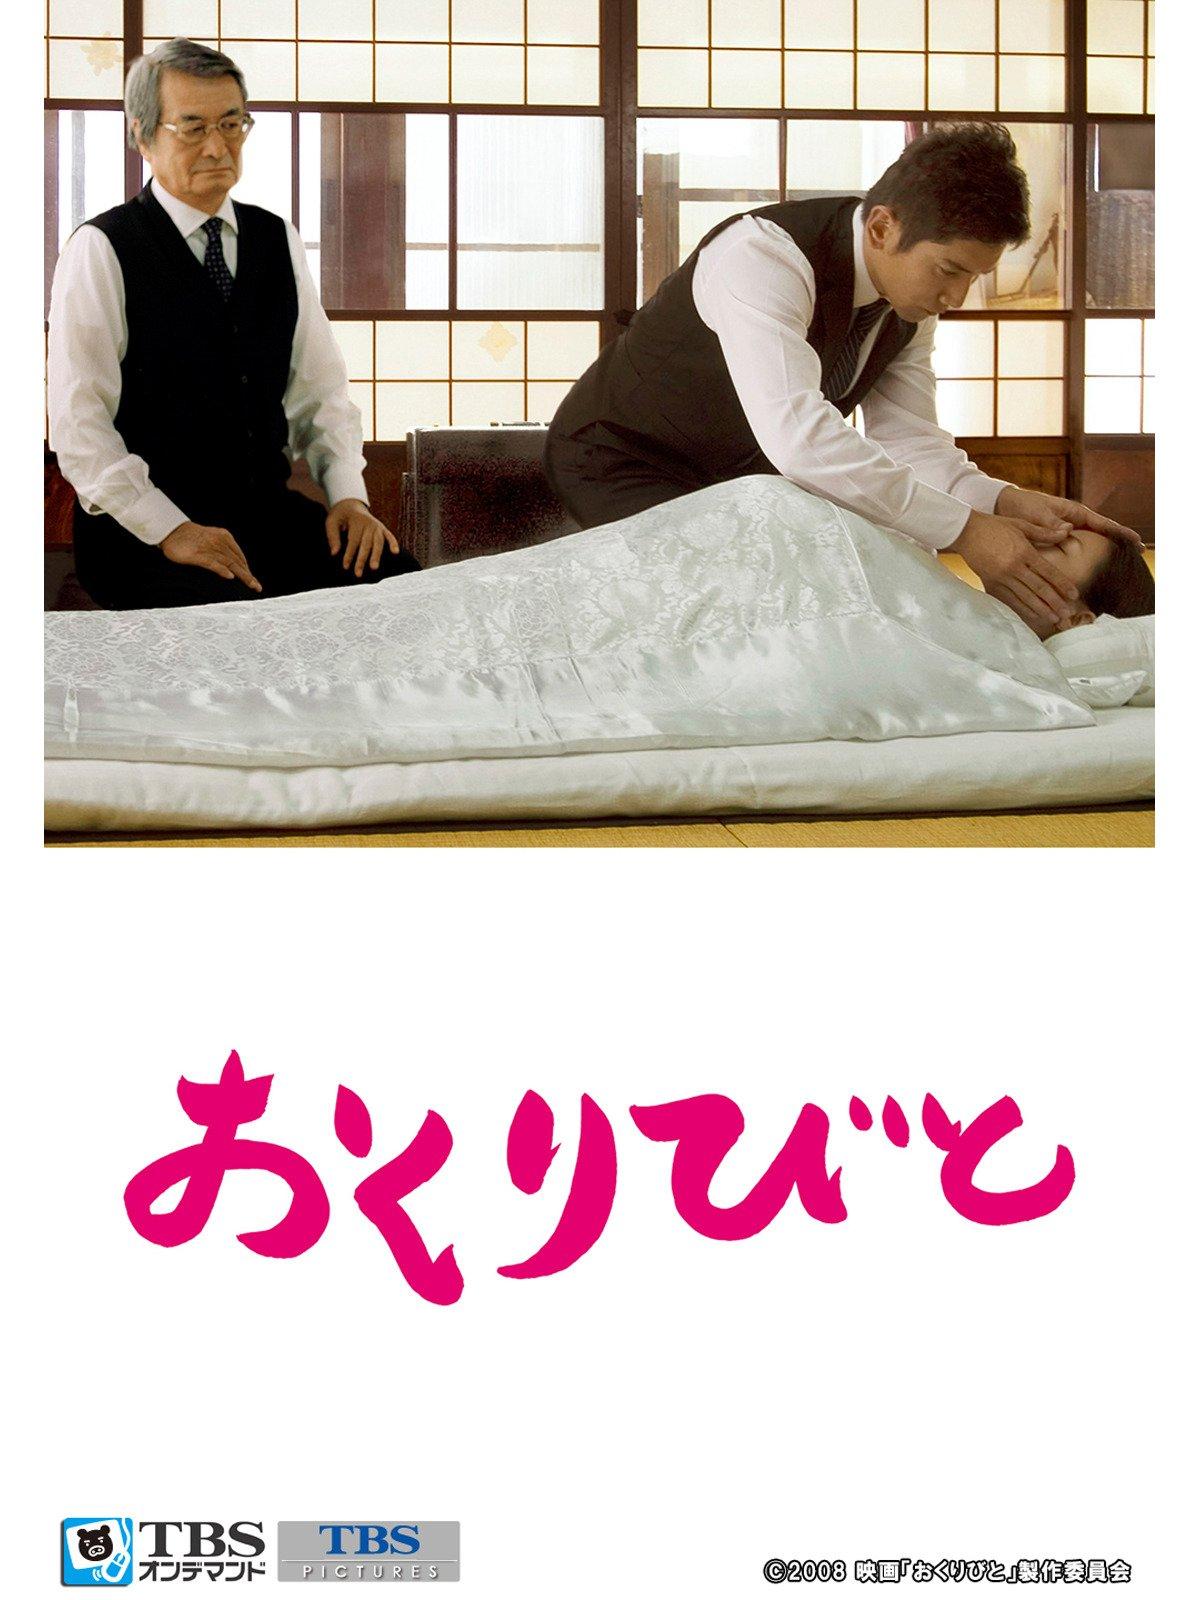 Amazon.co.jp: 映画「おくりびと」【TBSオンデマンド】: 本木雅弘, 広末 ...